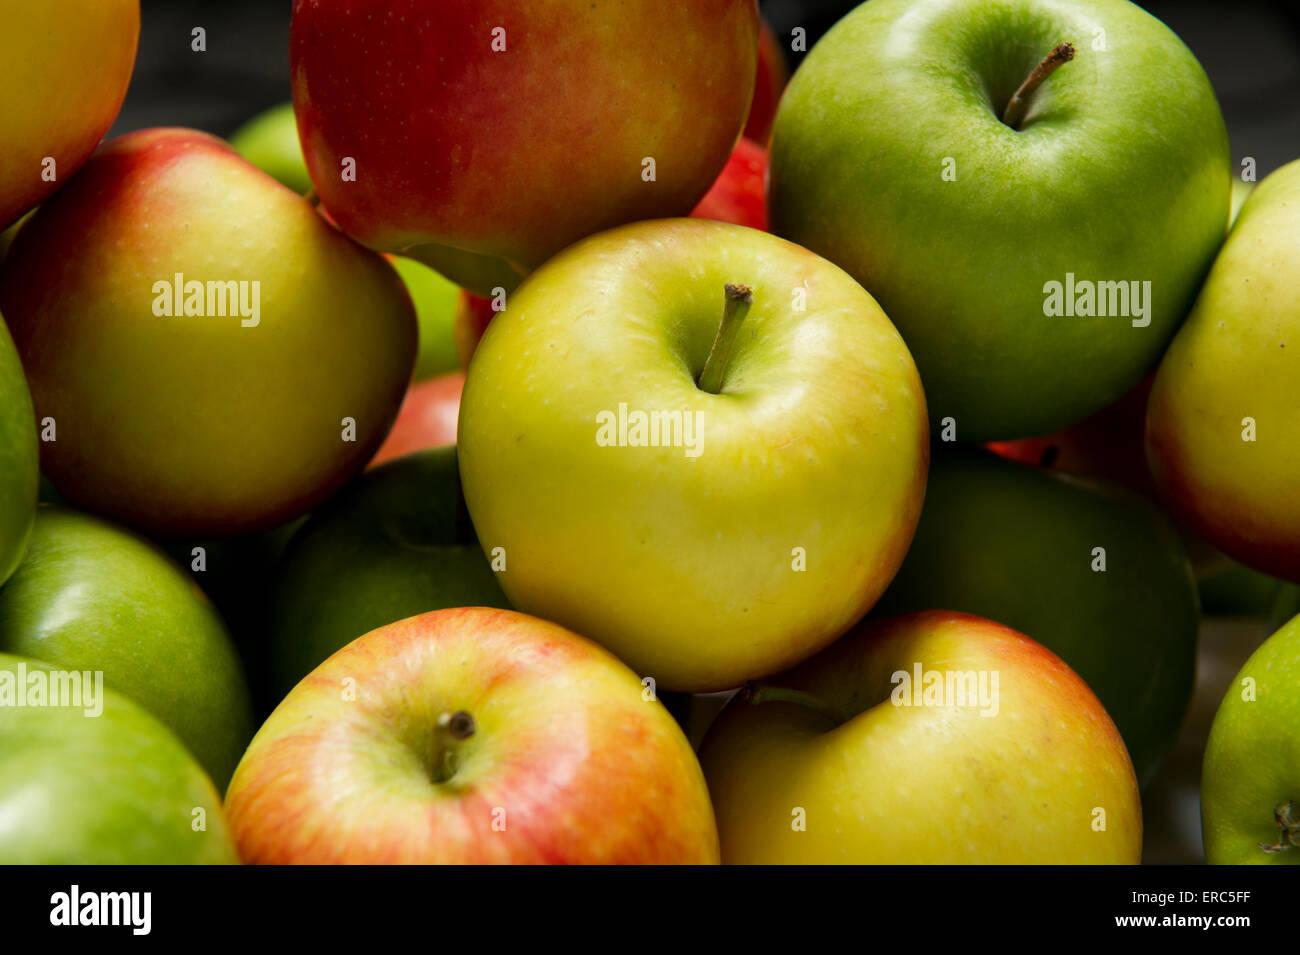 Manzanas frescas listo para el consumo Imagen De Stock